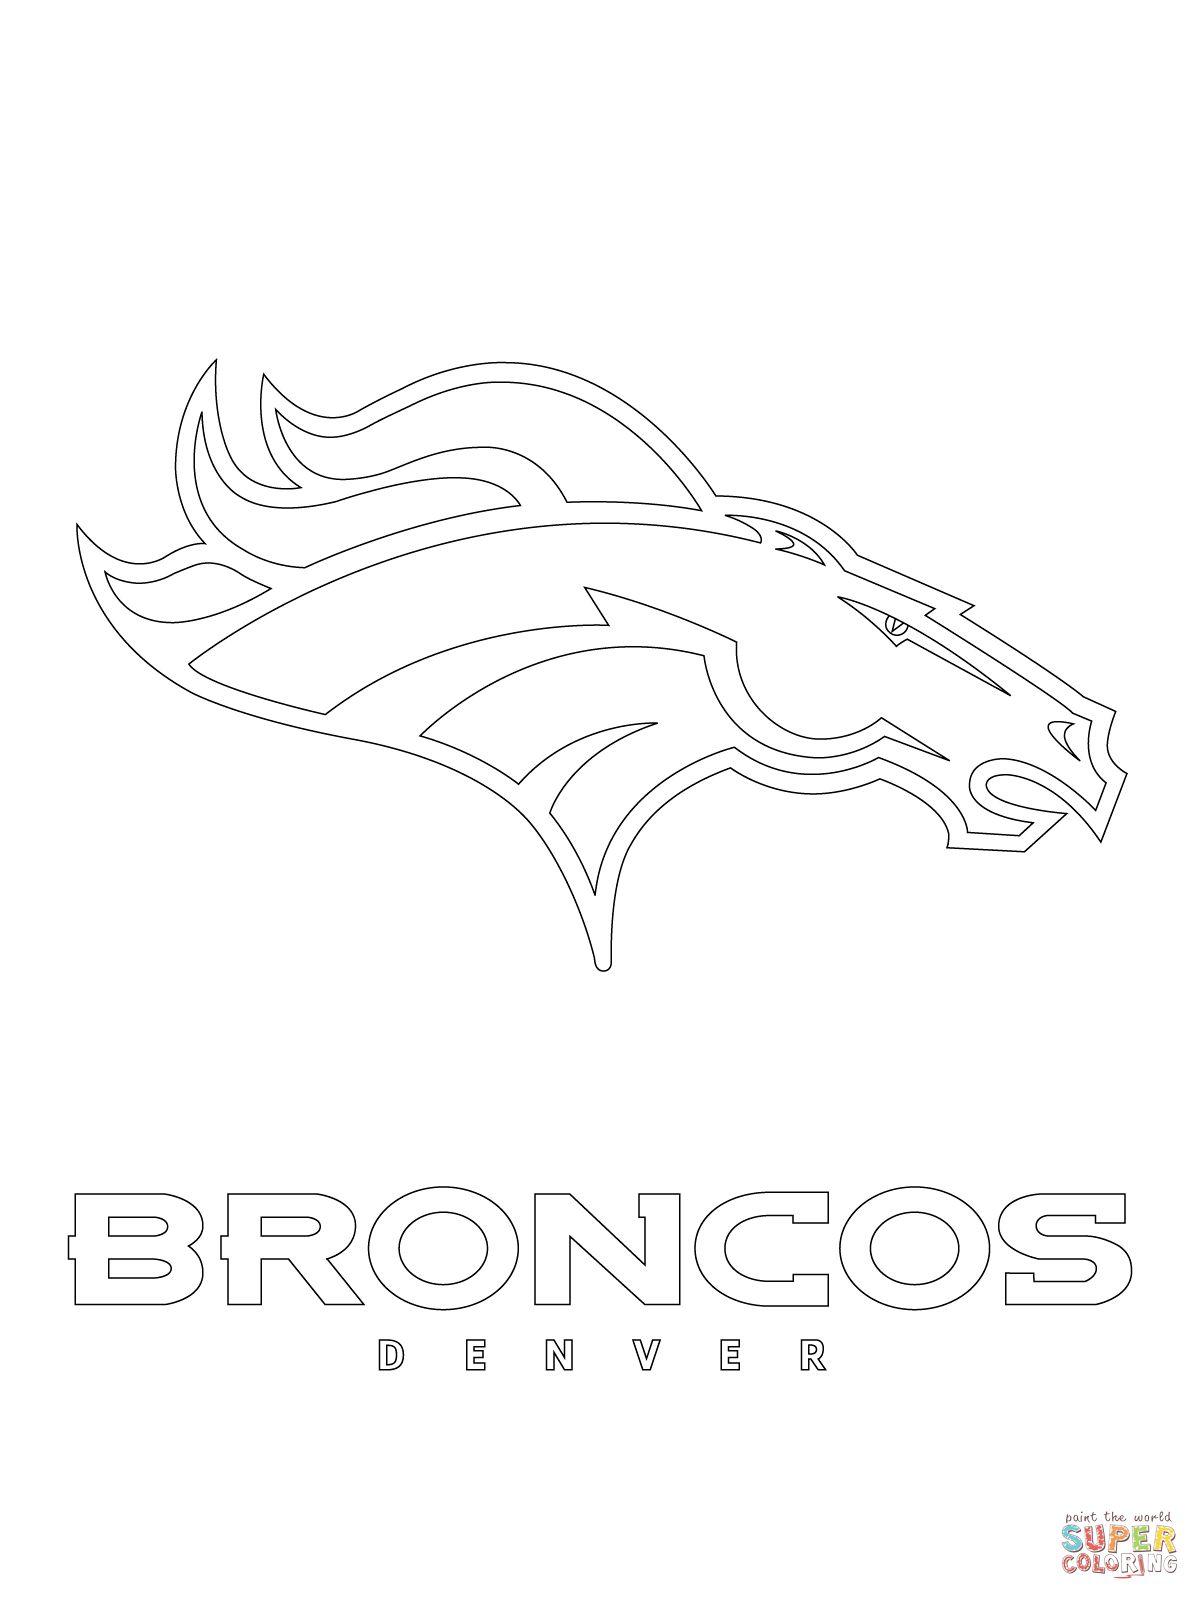 Denver Broncos Logo Coloring Page Supercoloring Com Broncos Logo Denver Broncos Logo Denver Broncos